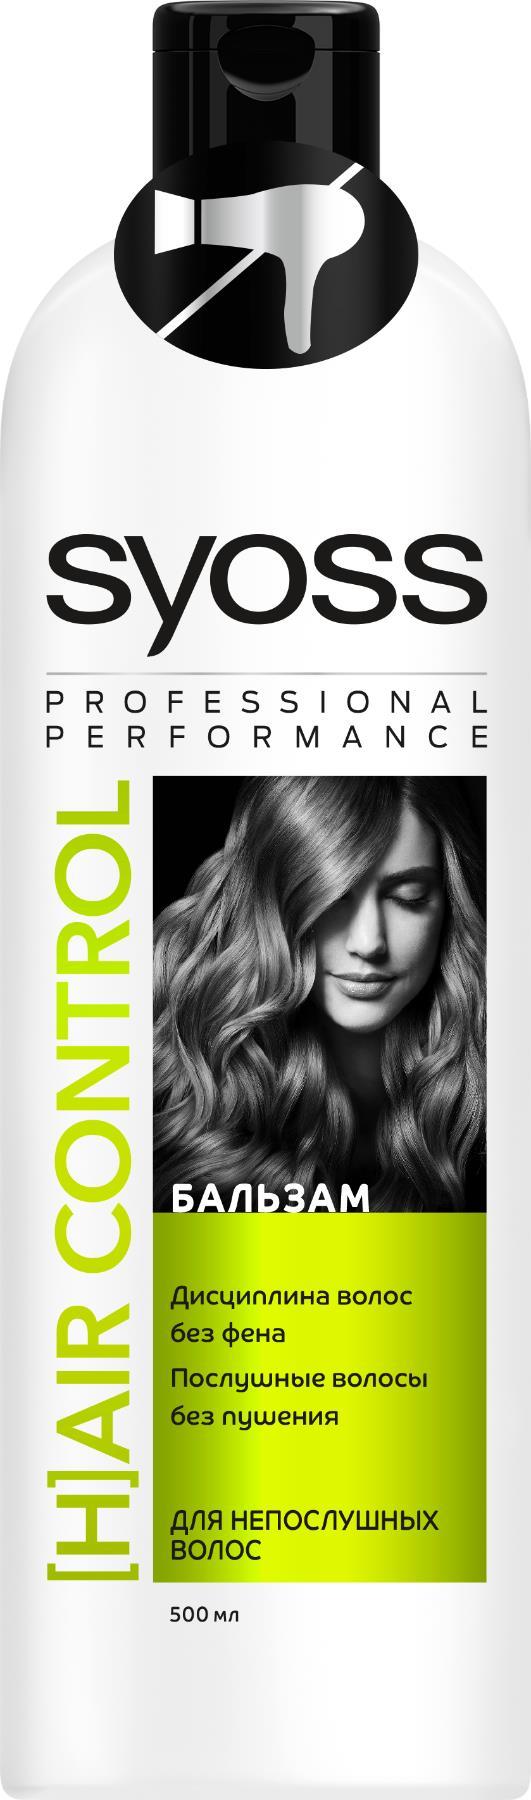 Syoss [H]Air Control Бальзам для непослушных волос, 500 мл2270345Профессиональный уход с технологией Discipline-Complex разработан специально для непослушных волос: Дисциплинирует волосы без использования фена Легкое расчесывание и послушные волосы без пушения и электризации Ухоженные волосы, как после салона